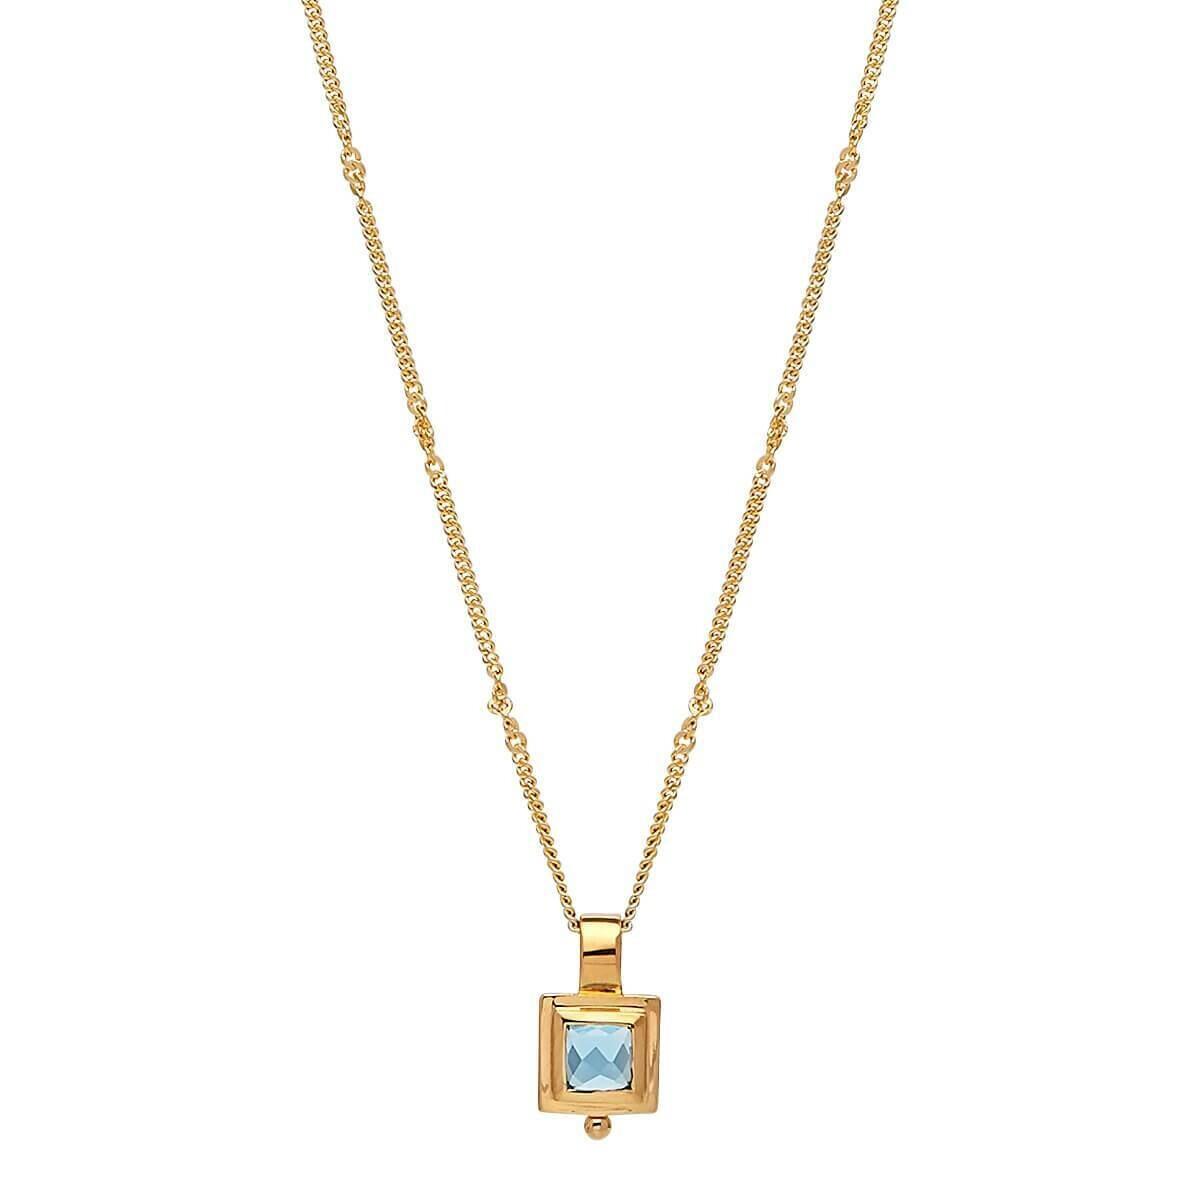 Najo - Desire Square Blue Topaz Necklace